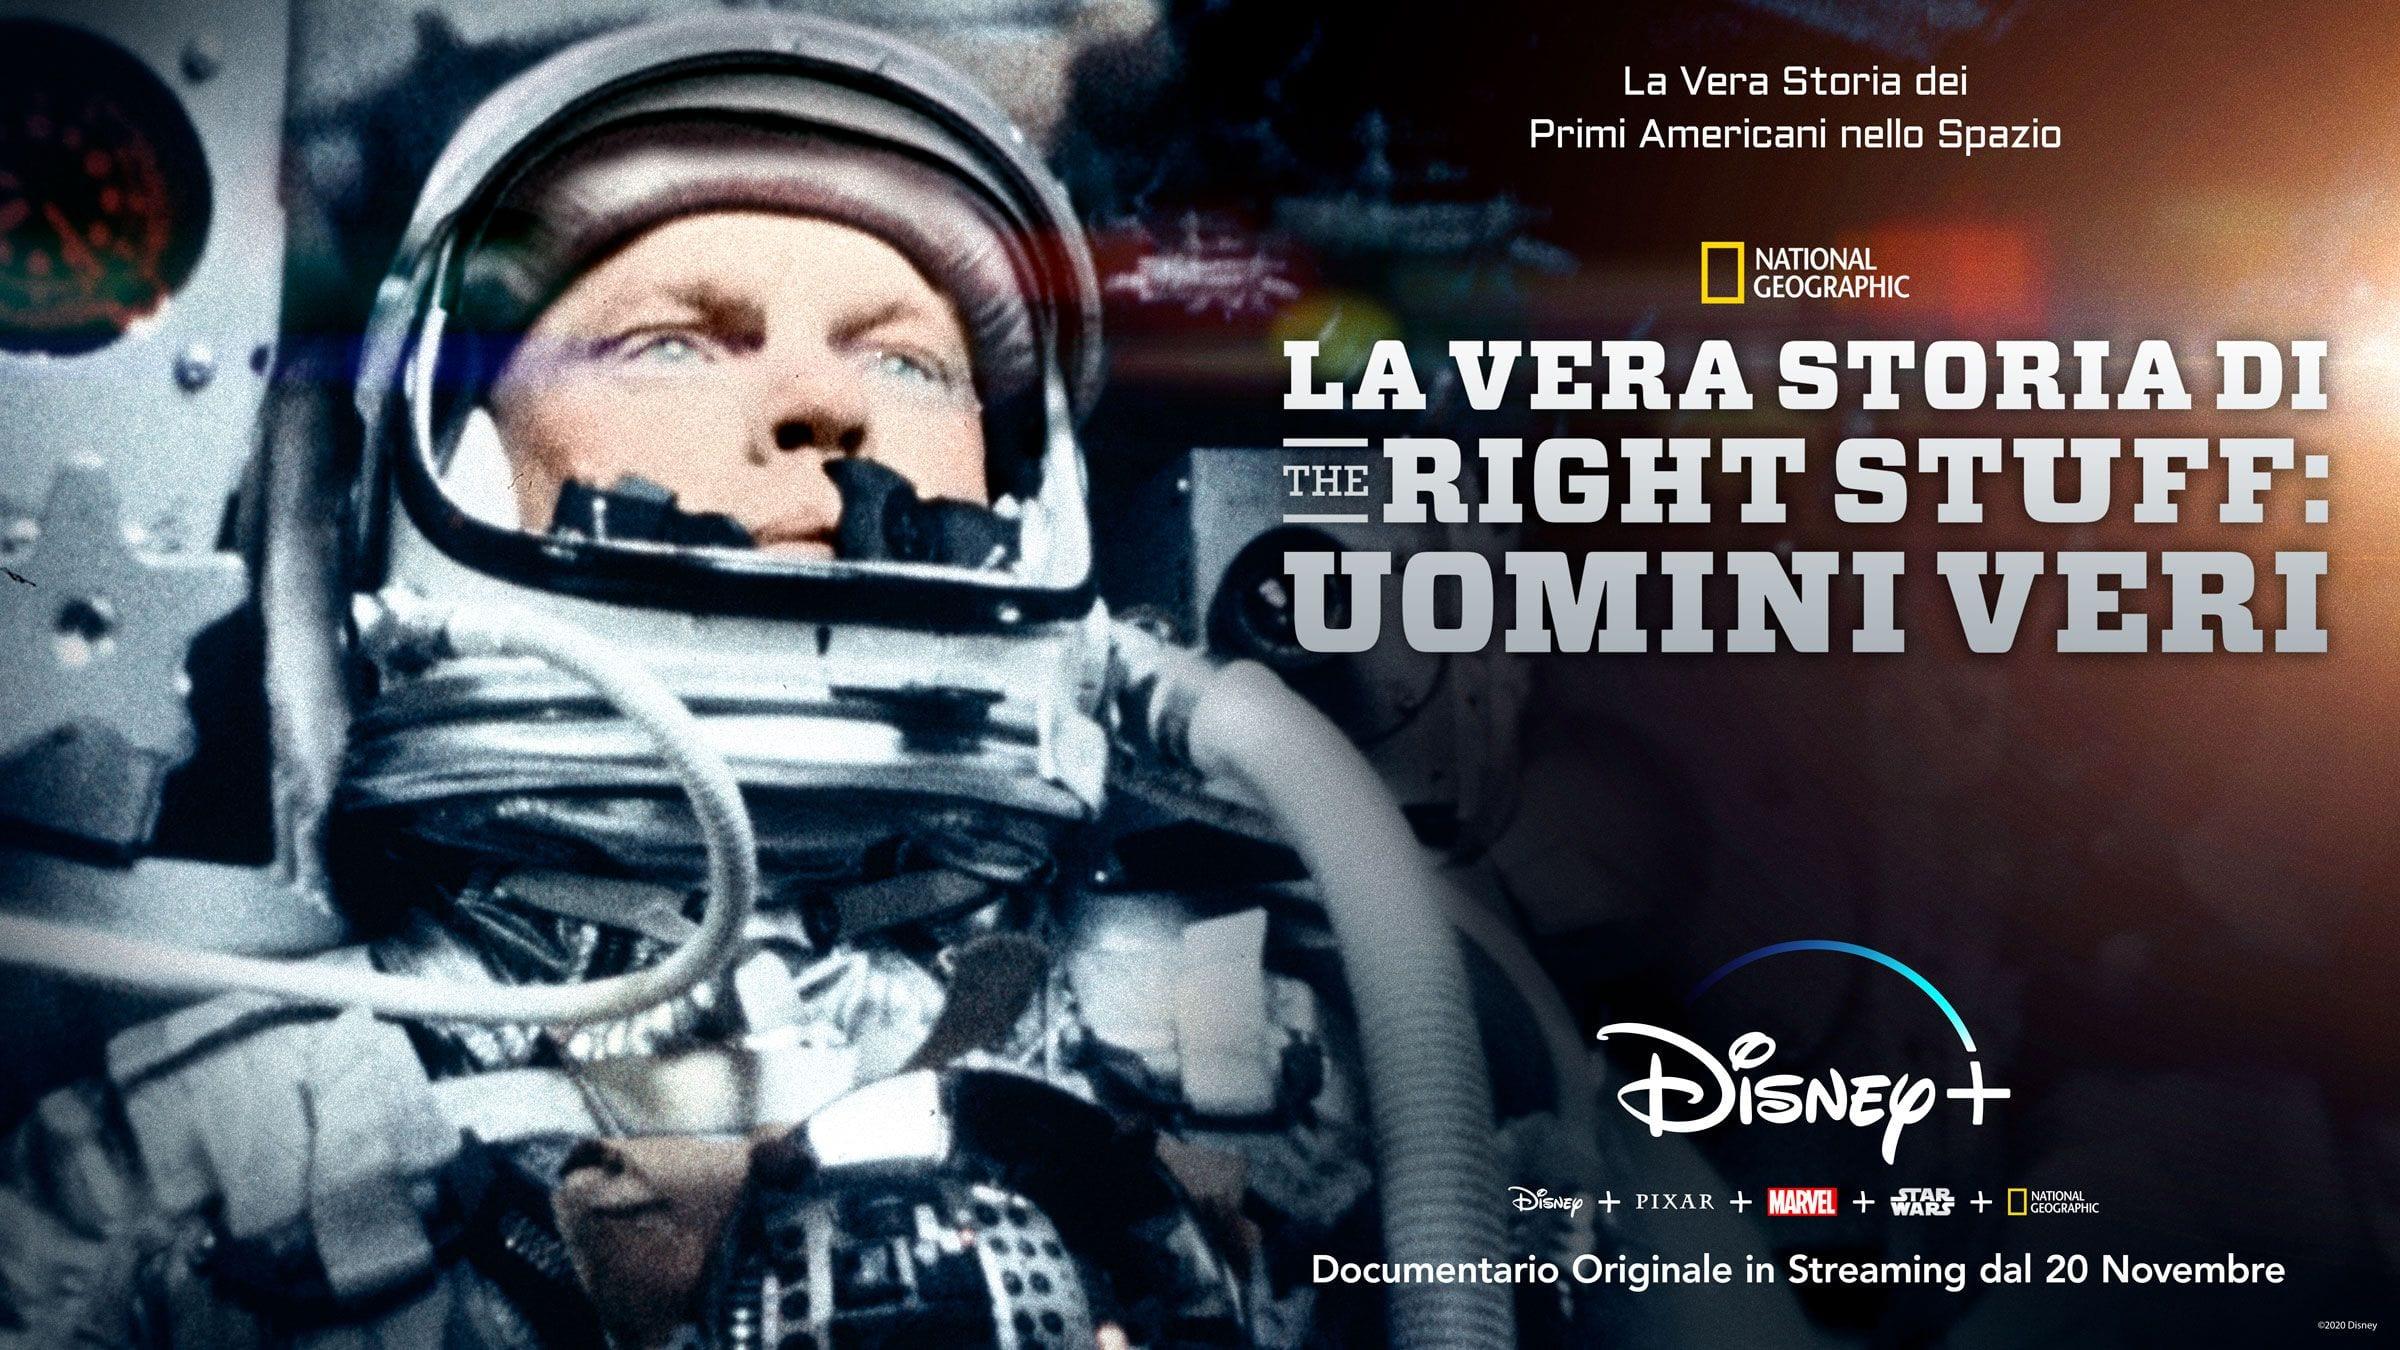 The Right Stuff: la vera storia - Il documentario dal 20 novembre su Disney+